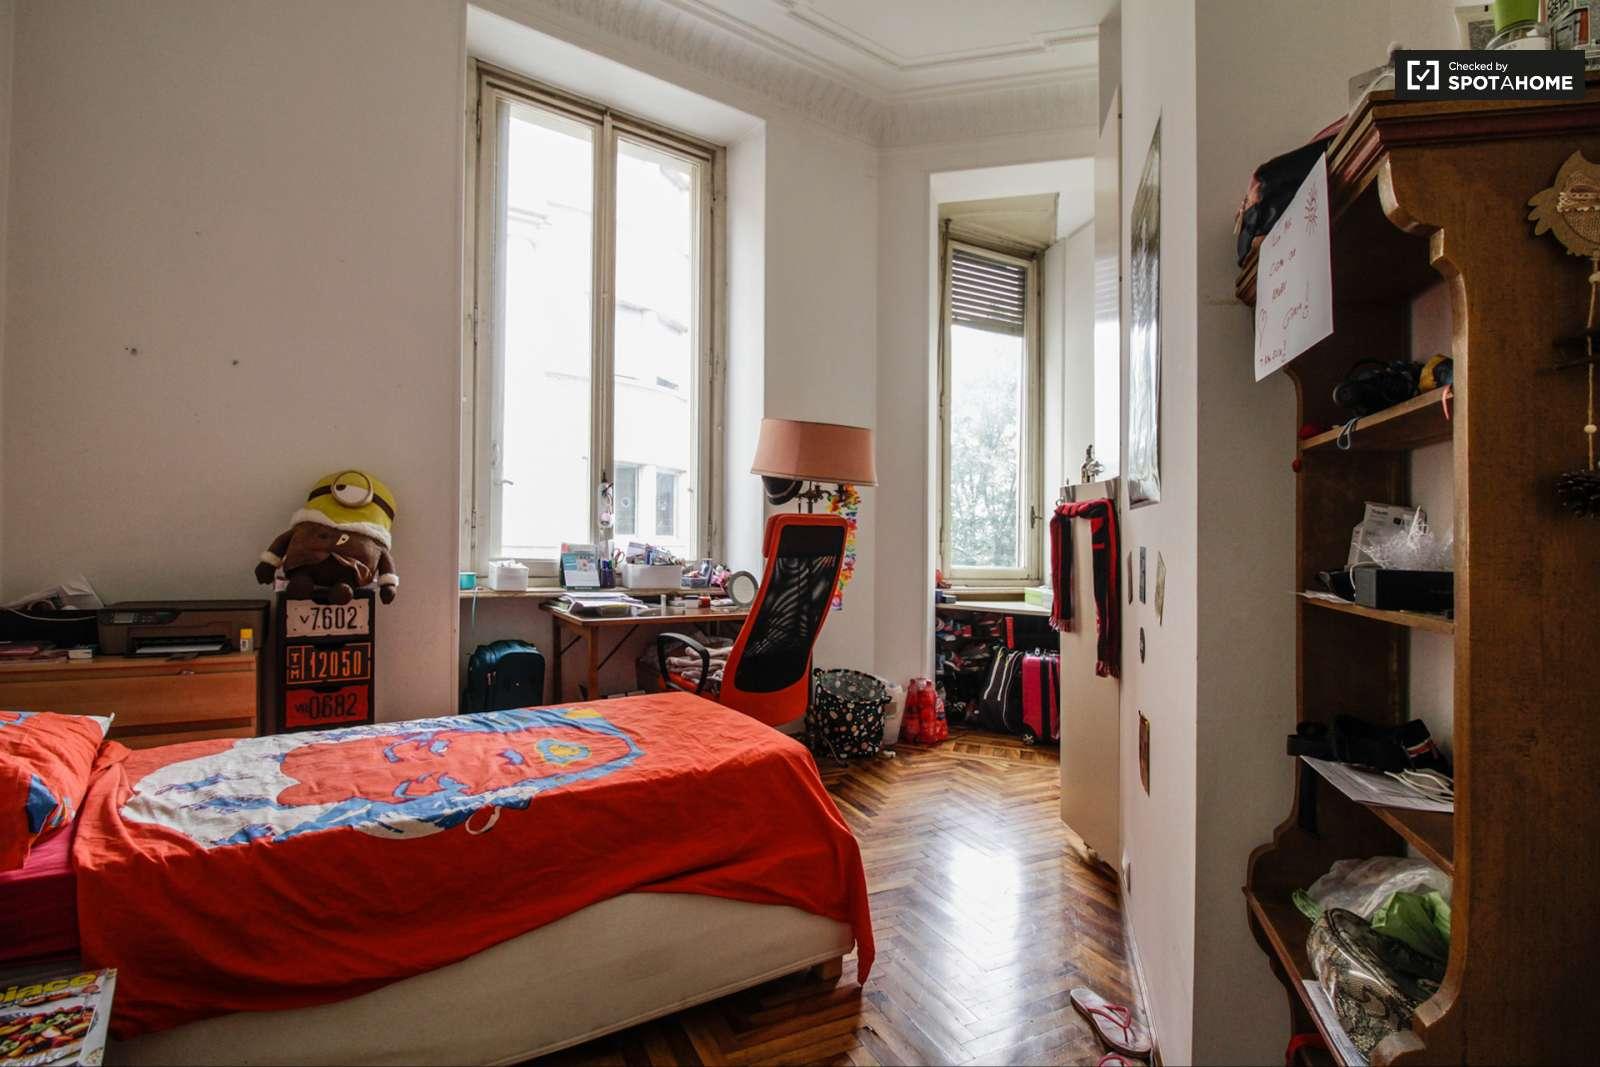 Camera arredata in appartamento con 6 camere da letto a Vanchiglia ...